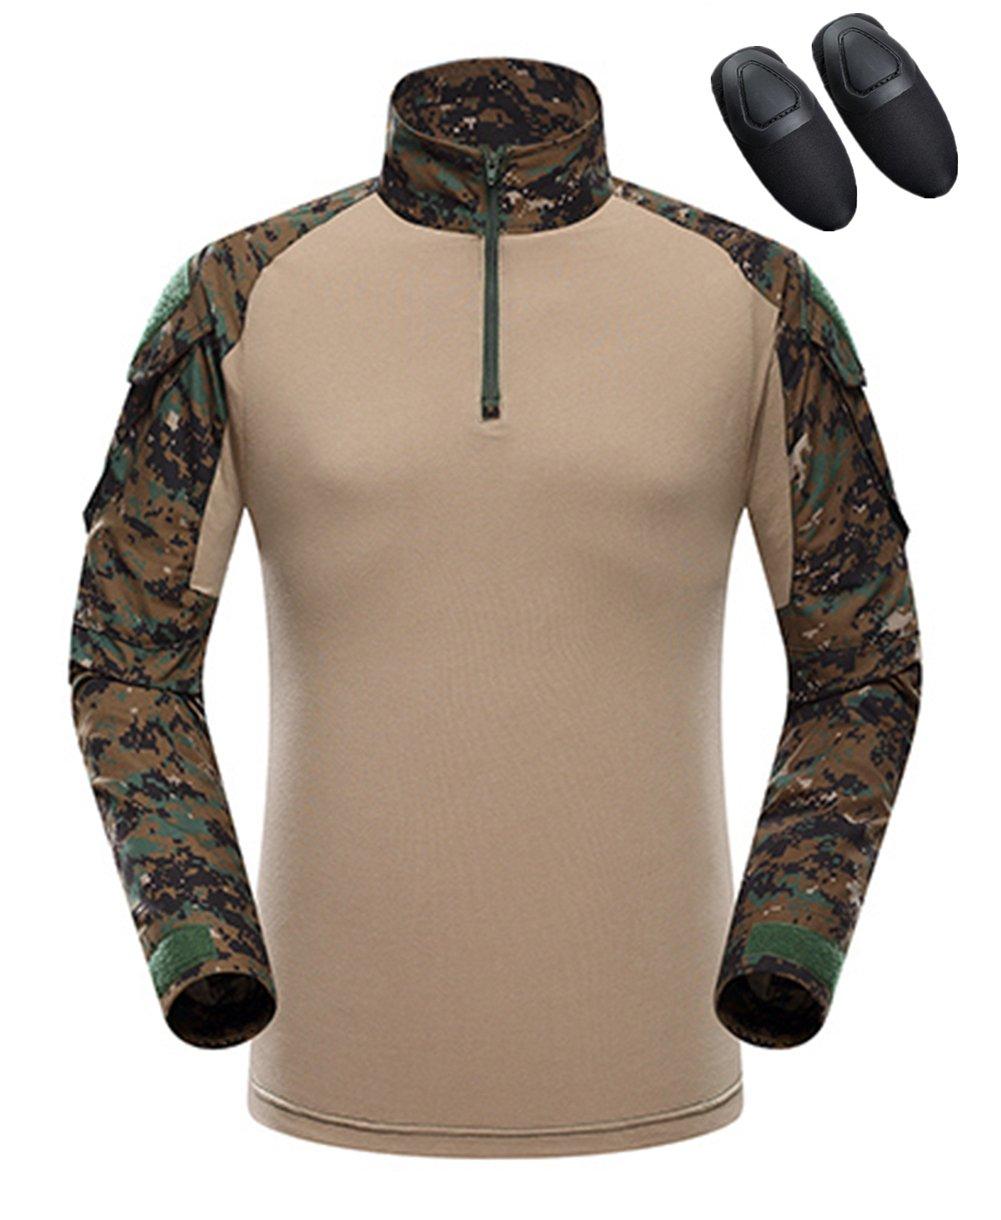 haoYK Camiseta de combate militar Paintball con bolsillos Camiseta de manga larga BDU Airsoft Camo Camisa táctica para hombres con coderas